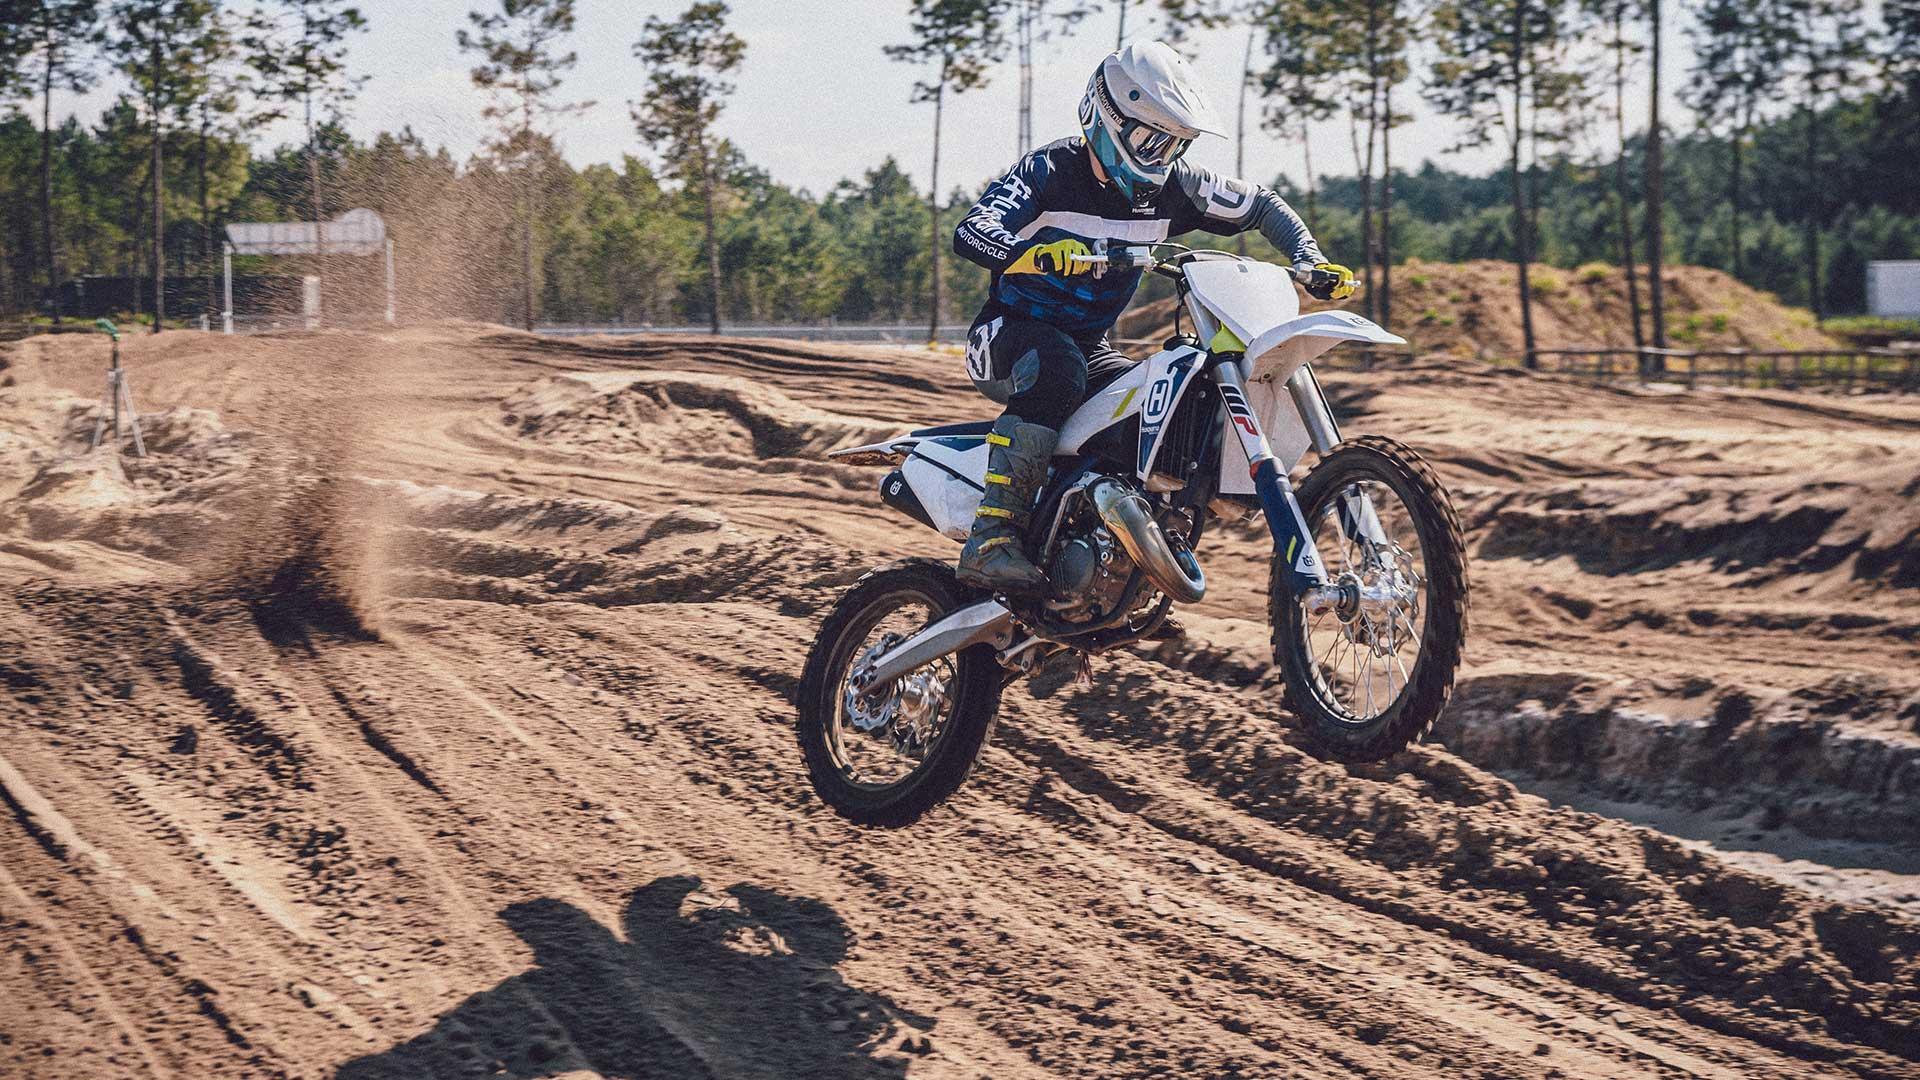 Gama de motocross 2022 de Husqvarna: cambios sutiles y nueva imagen